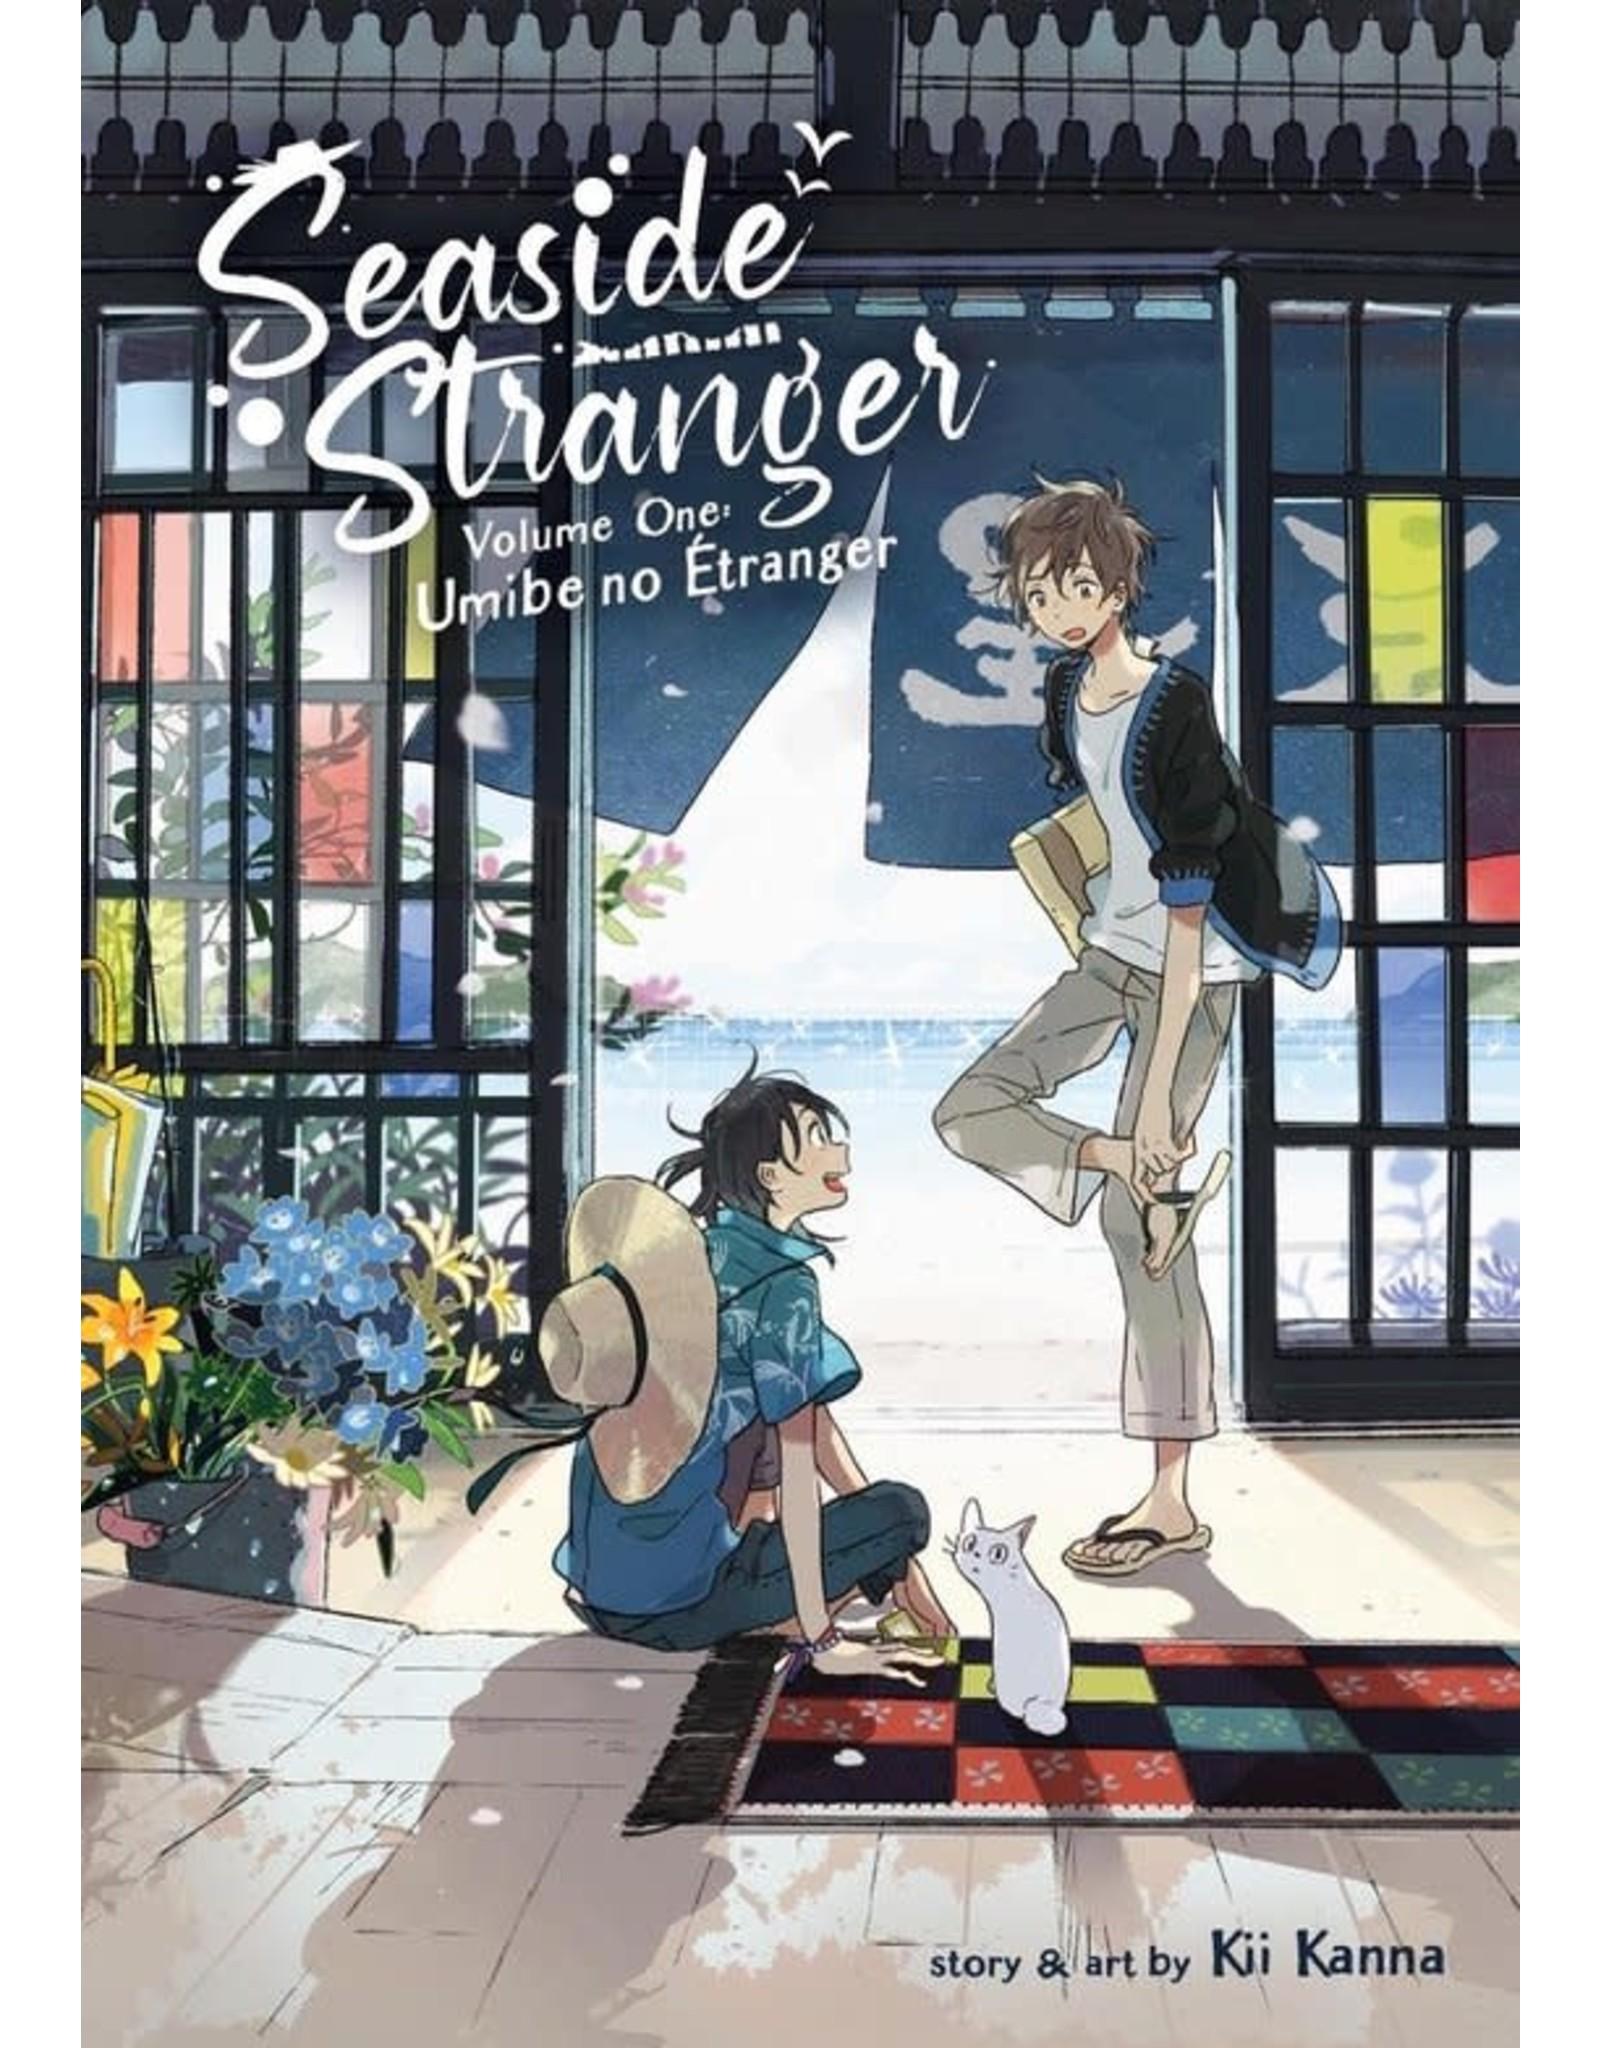 Seaside Stranger: Umibe No Étranger 1 (Engelstalig) - Manga